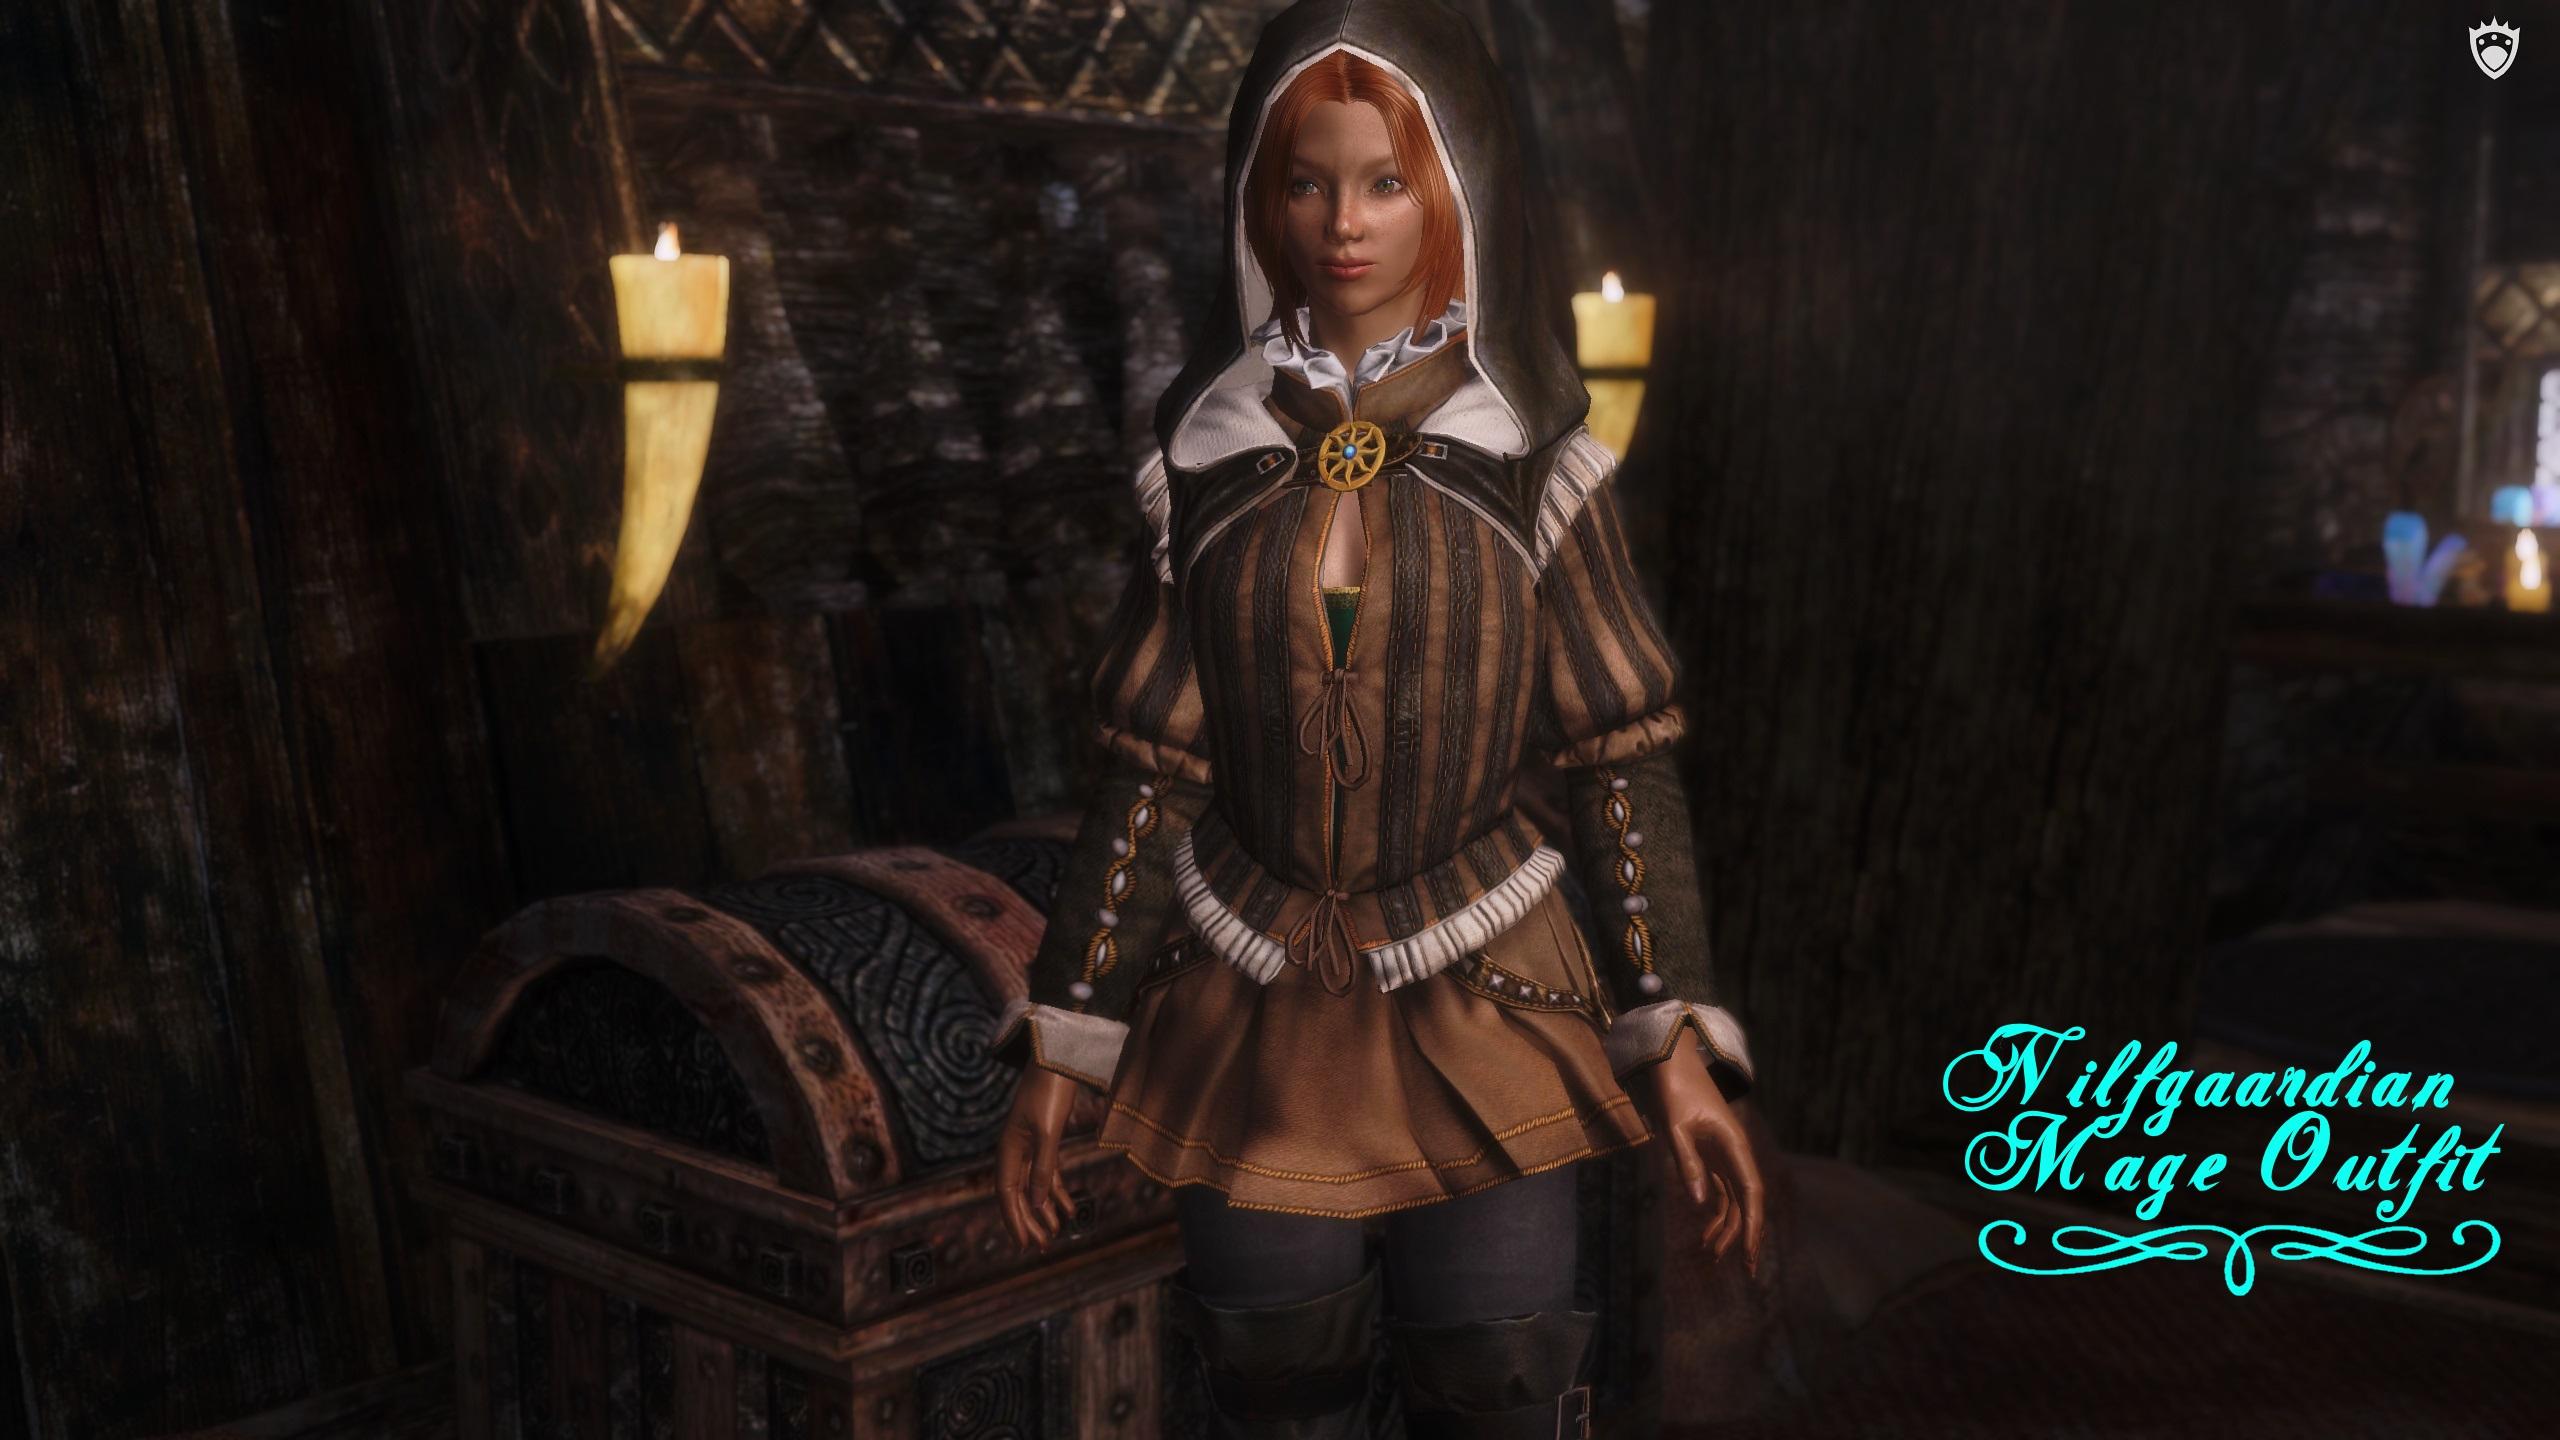 Nilfgaardian_Mage_Outfit.jpg